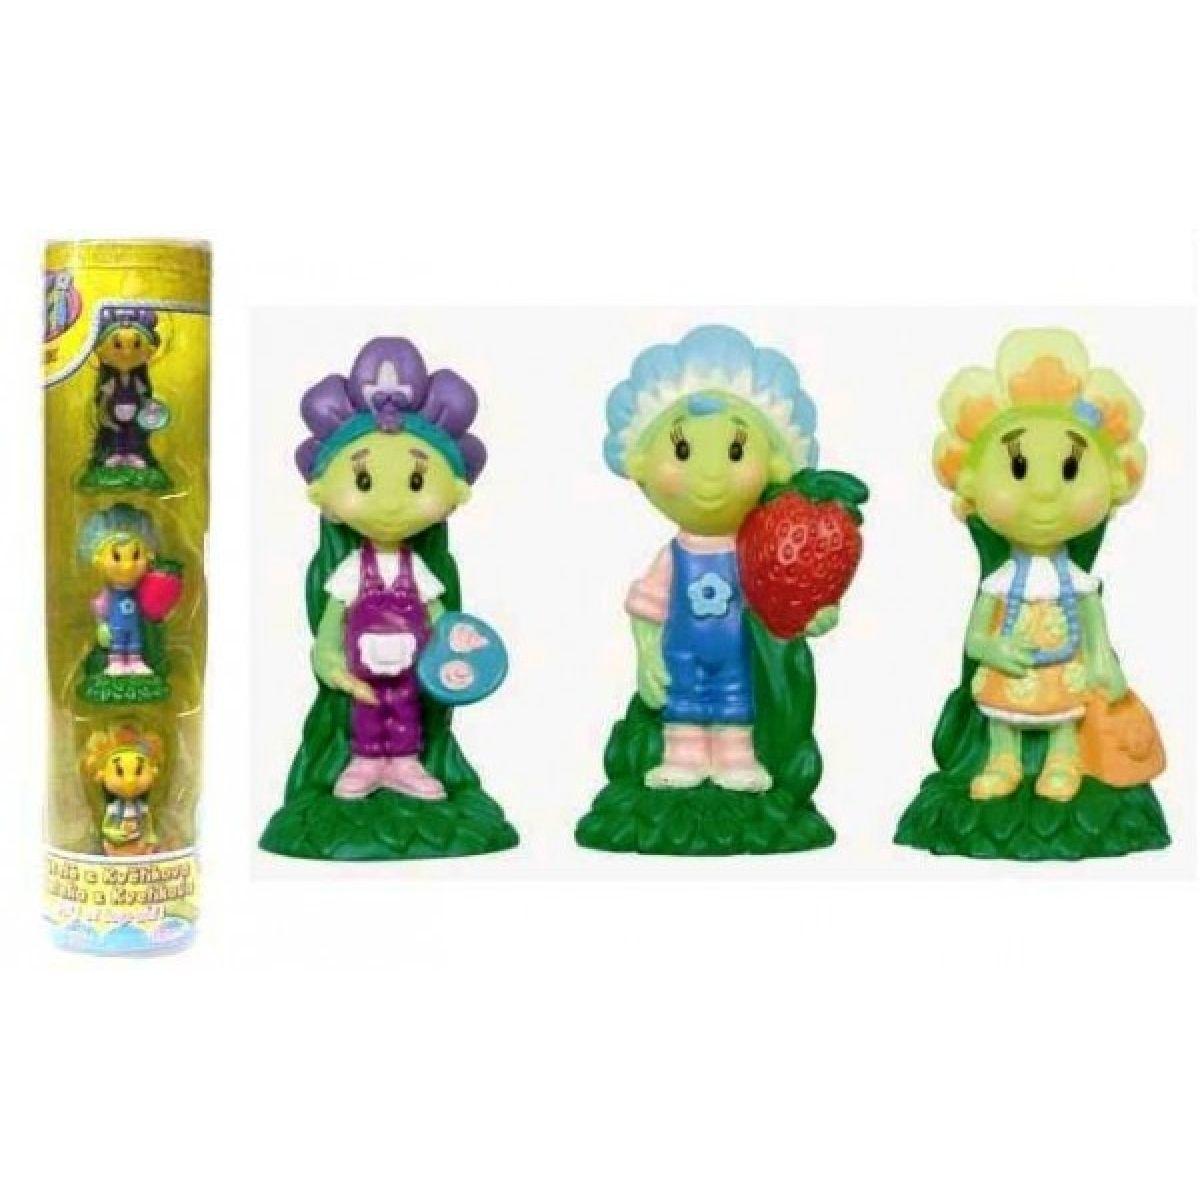 Fifi z Květíkova Fifi, Violka a Prvosenka 3 figurky v tubě